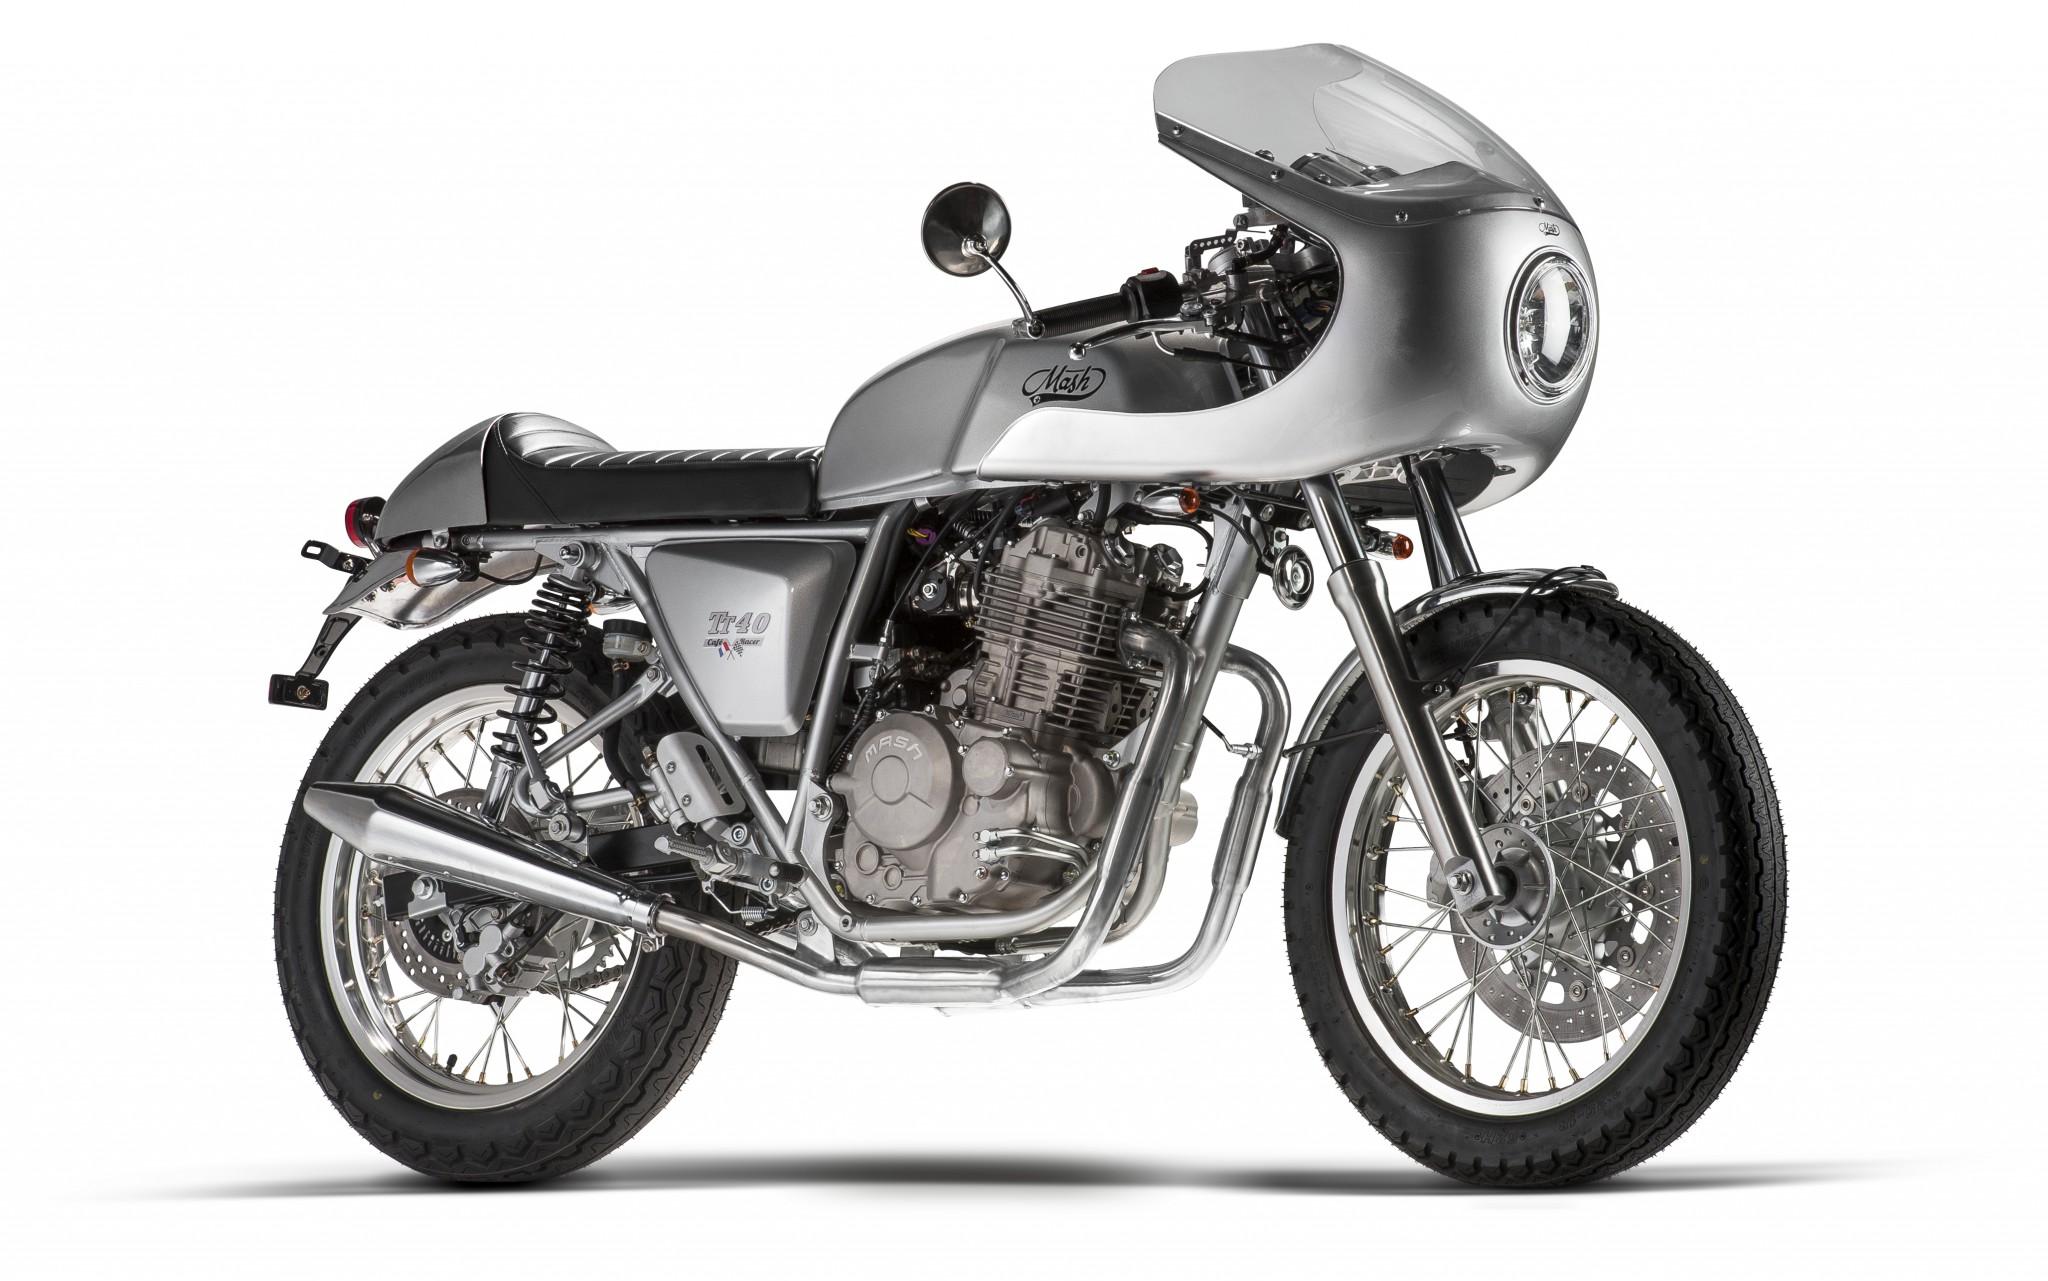 gebrauchte mash cafe racer tt40 motorräder kaufen